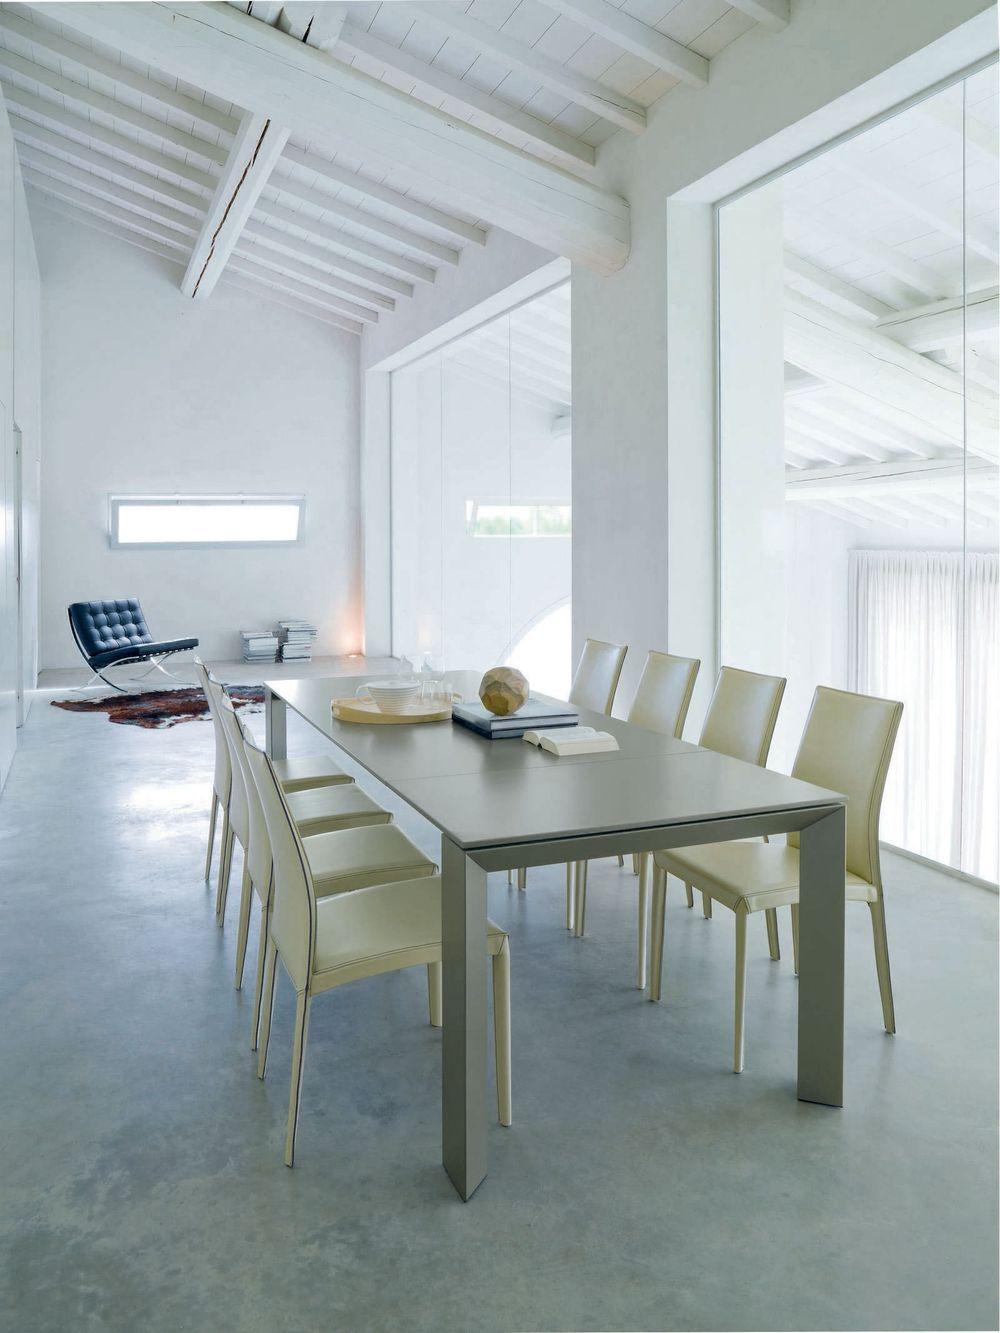 Mesa new edro mbit - Sobre de cristal para mesa ...